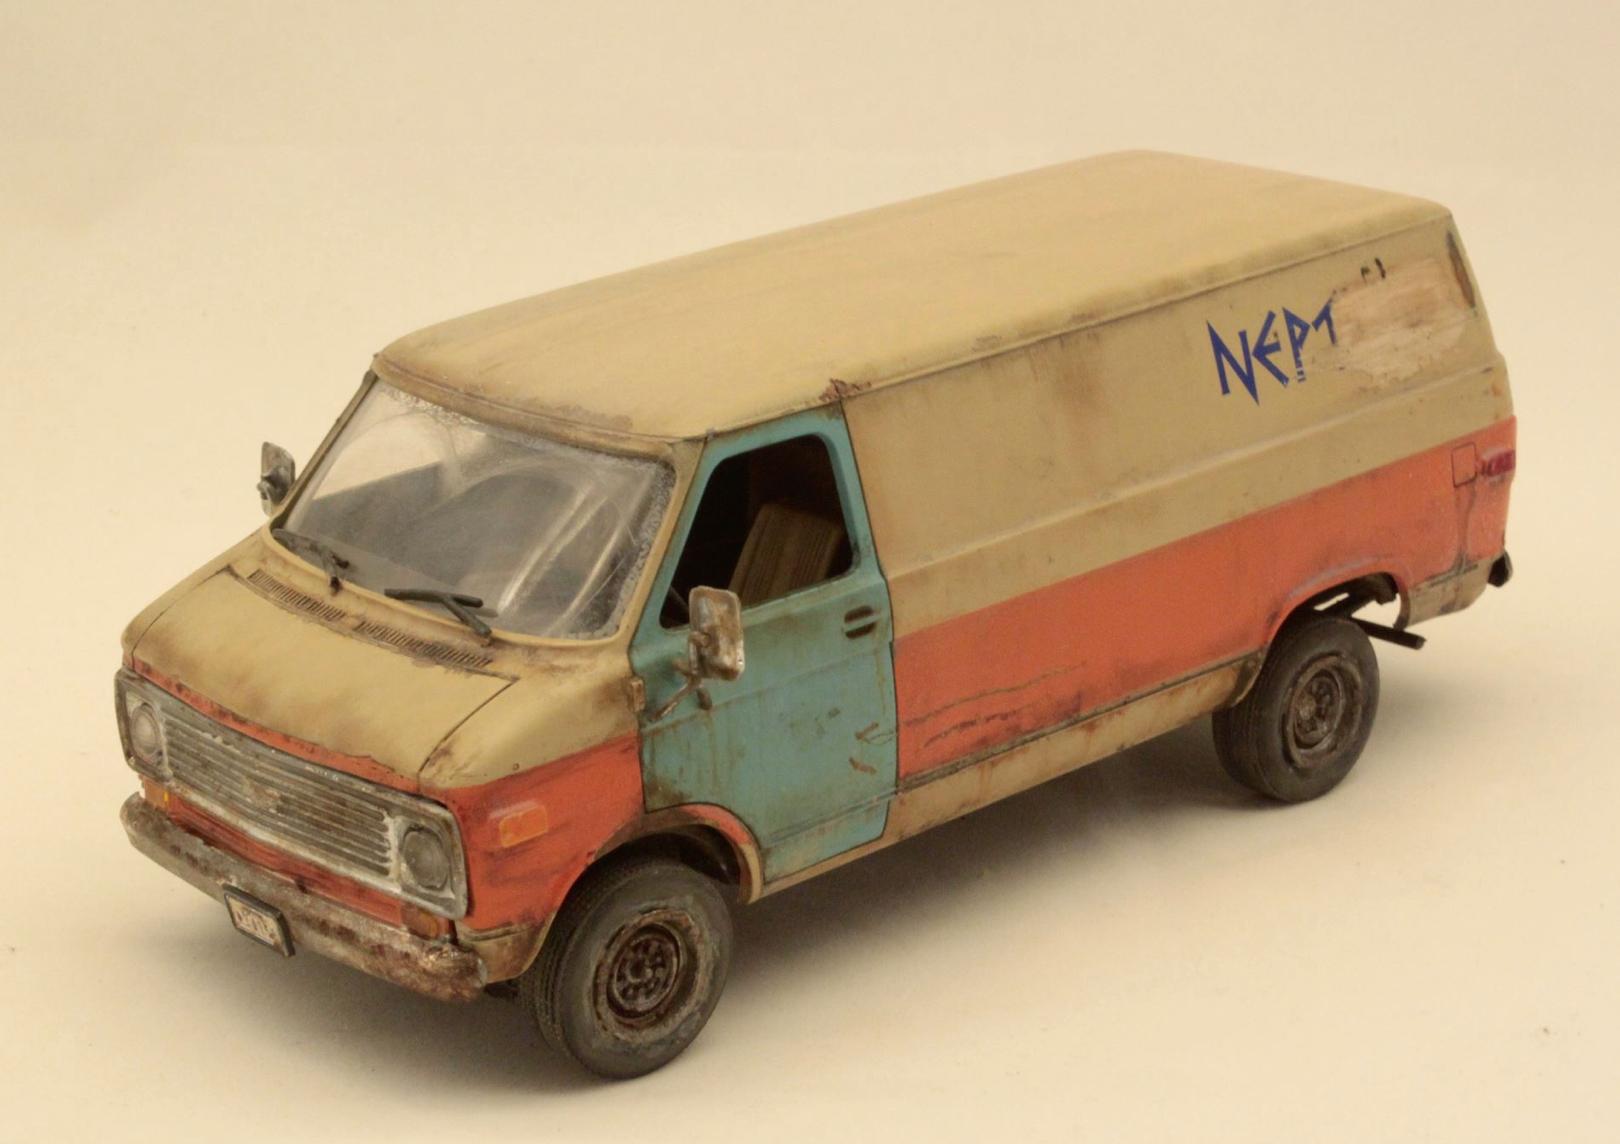 1 24 plastic model car kit weathering by barlas pehlivan